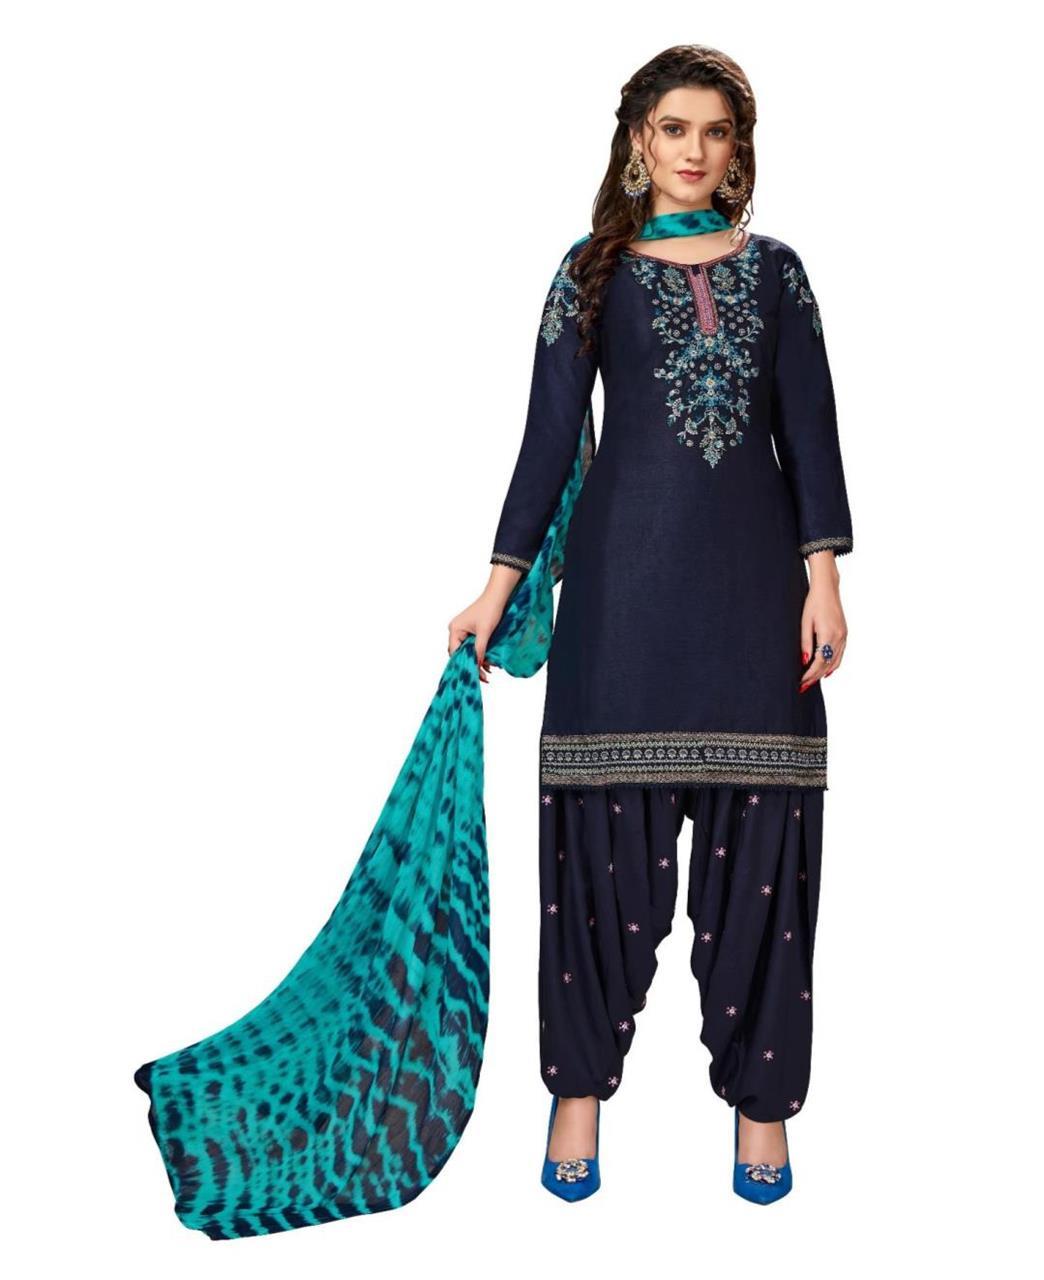 Stone Work Cotton Patiyala Suit Salwar in Nevy Blue